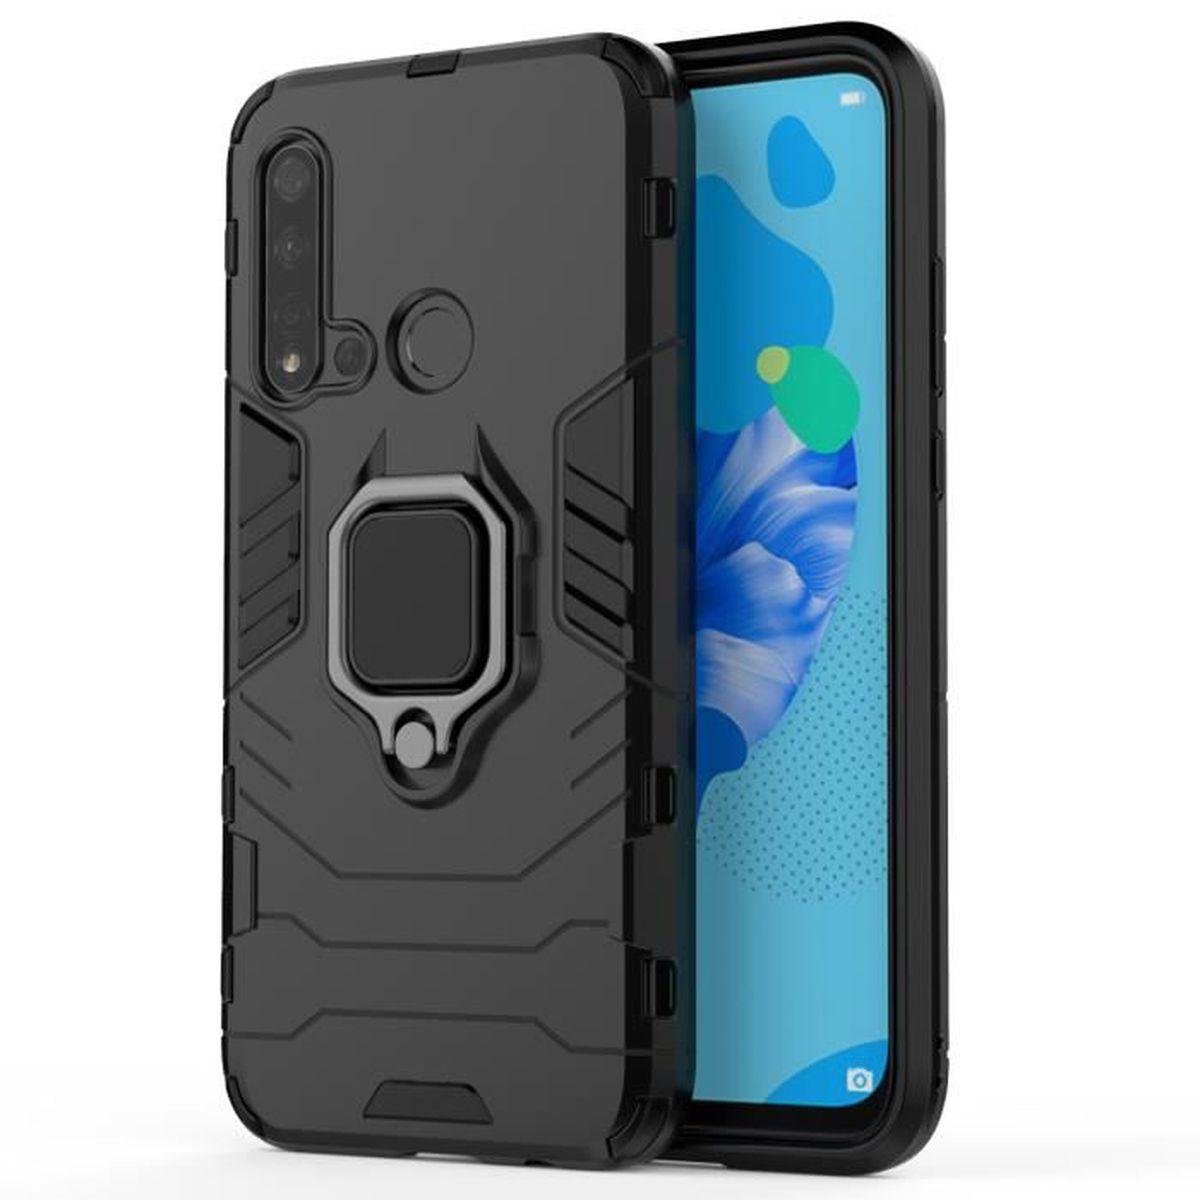 Coque Huawei P20 Lite 2019, Double Couche Étui avec Anneau Kickstand, Cover Housse Protection Pour Huawei P20 Lite 2019 - Noir